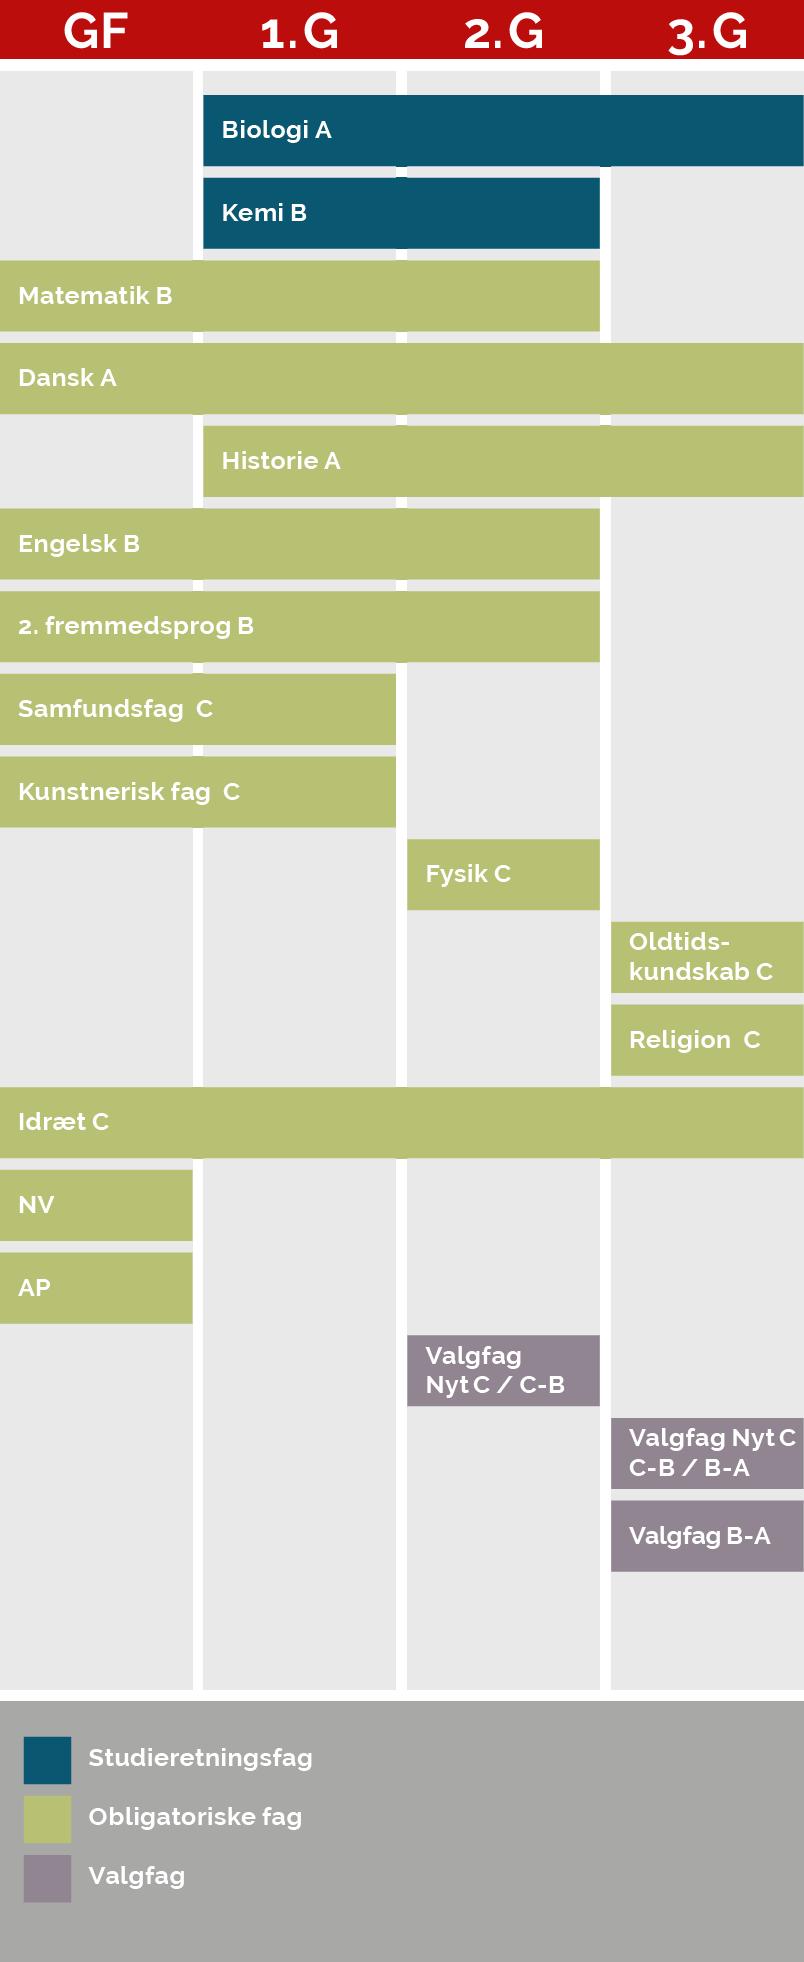 En grafisk model der viser, hvornår du har hvilke fag på denne studieretning. Af modellen fremgår følgende:  Biologi på A-niveau, som er et studieretningsfag, har du både i  1g., 2.g og 3.g. Kemi på B-niveau, som er et studieretningsfag, har du i 1.g og 2.g. Matematik på B-niveau, som er et obligatorisk fag, har du i grundforløb, 1.g og 2.g Dansk på A-niveau, som er et obligatorisk fag, har du både i grundforløb, 1.g, 2.g og 3.g. Historie på A-niveau, som er et obligatorisk fag, har du i 1.g, 2.g og 3.g. Engelsk og 2.  fremmedsprog på B-niveau, som begge er obligatoriske fag, har du i grundforløb, 1.g og 2.g Samfundsfag og kunstnerisk fag på C-niveau, som begge er obligatoriske fag, har du i grundforløb og 1.g Fysik på C-niveau, som er et obligatorisk fag, har du kun i 2.g. Oldtidskundskab og religion på C-niveau, som er obligatoriske fag, har du i 3.g Idræt på C-niveau, som er et obligatorisk fag, har du i grundforløb, 1.g, 2.g og 3.g. NV og AP, som er obligatoriske fag, har du kun i grundforløb. I 2.g har du et valgfag, som enten er et nyt C-niveau-fag eller et fag du hæver fra C-niveau til B-niveau. Derudover har du i 3.g to valgfag, som kan være et nyt valgfag på C-niveau, et C-niveau-fag, du hæver til B-niveau eller et valgfag, du hæver fra B-niveau til A-niveau.